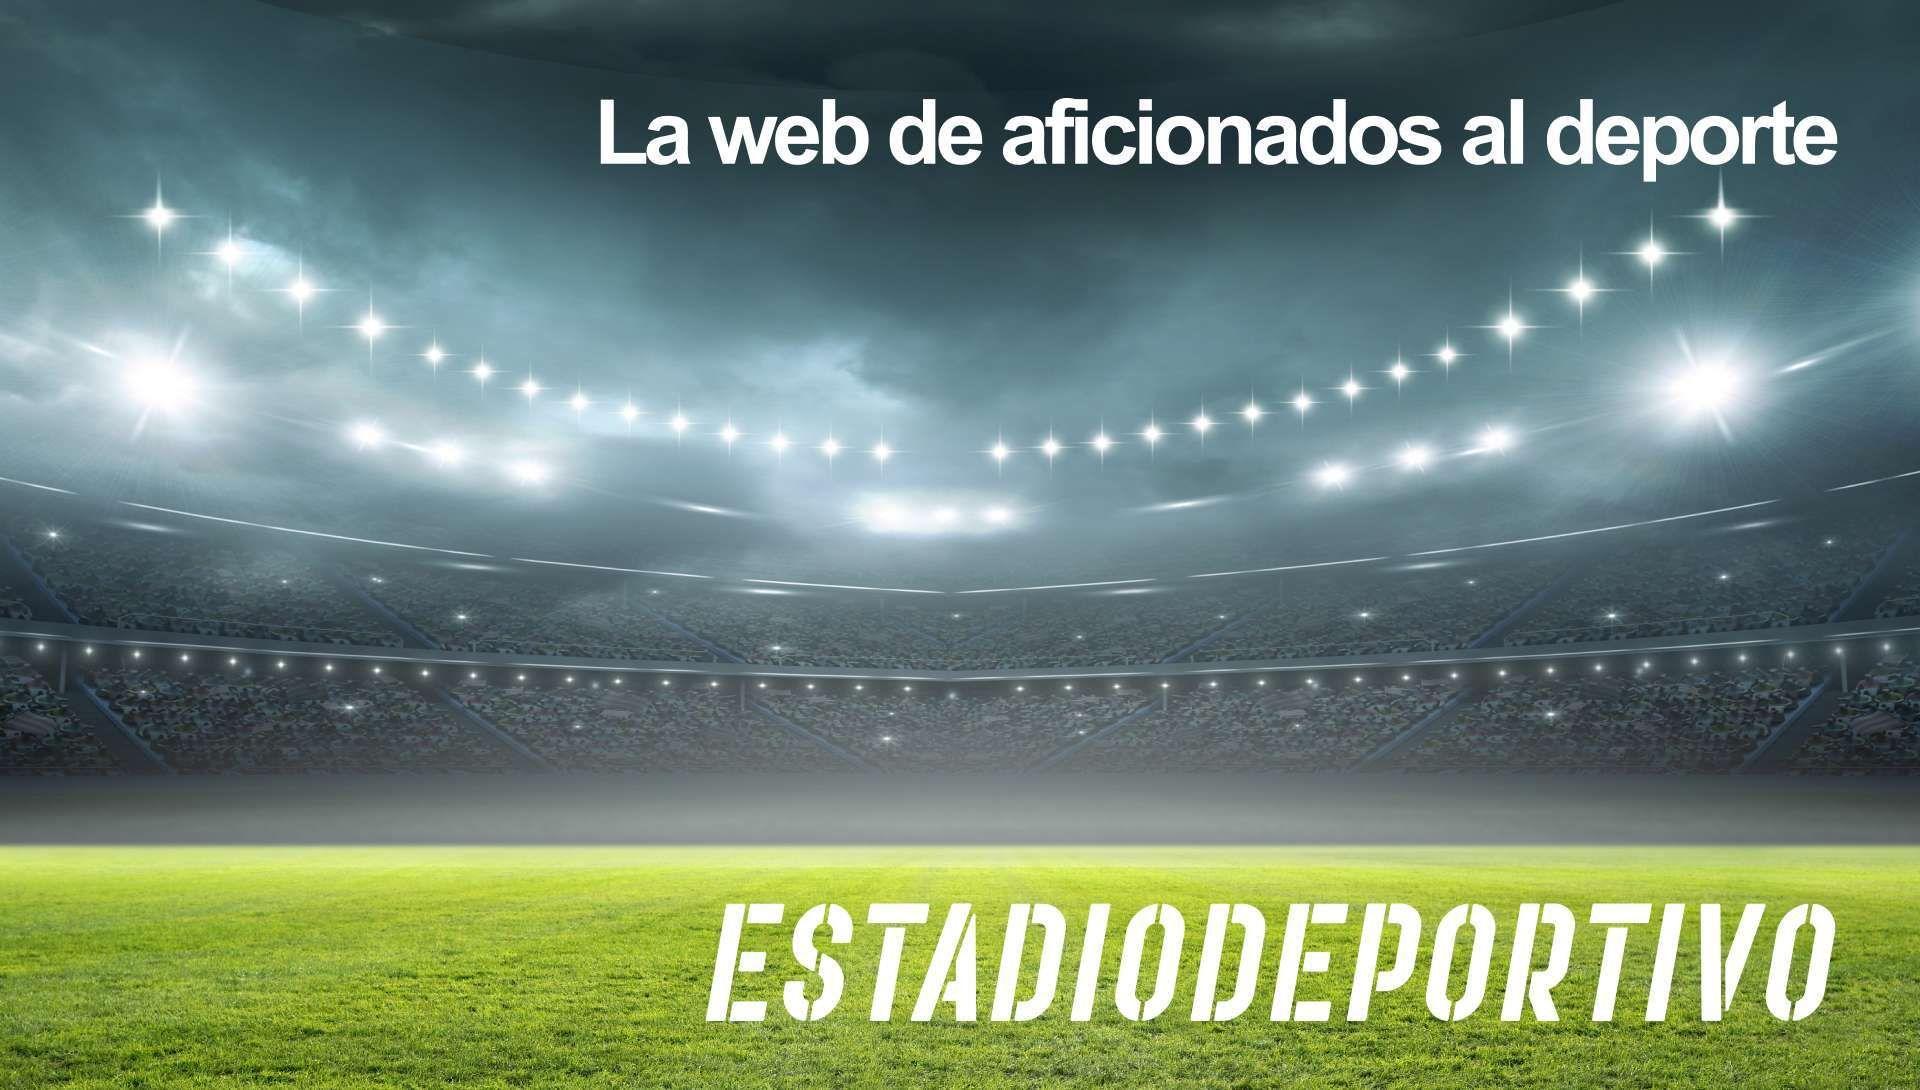 El análisis del rival bético: La UD Las Palmas